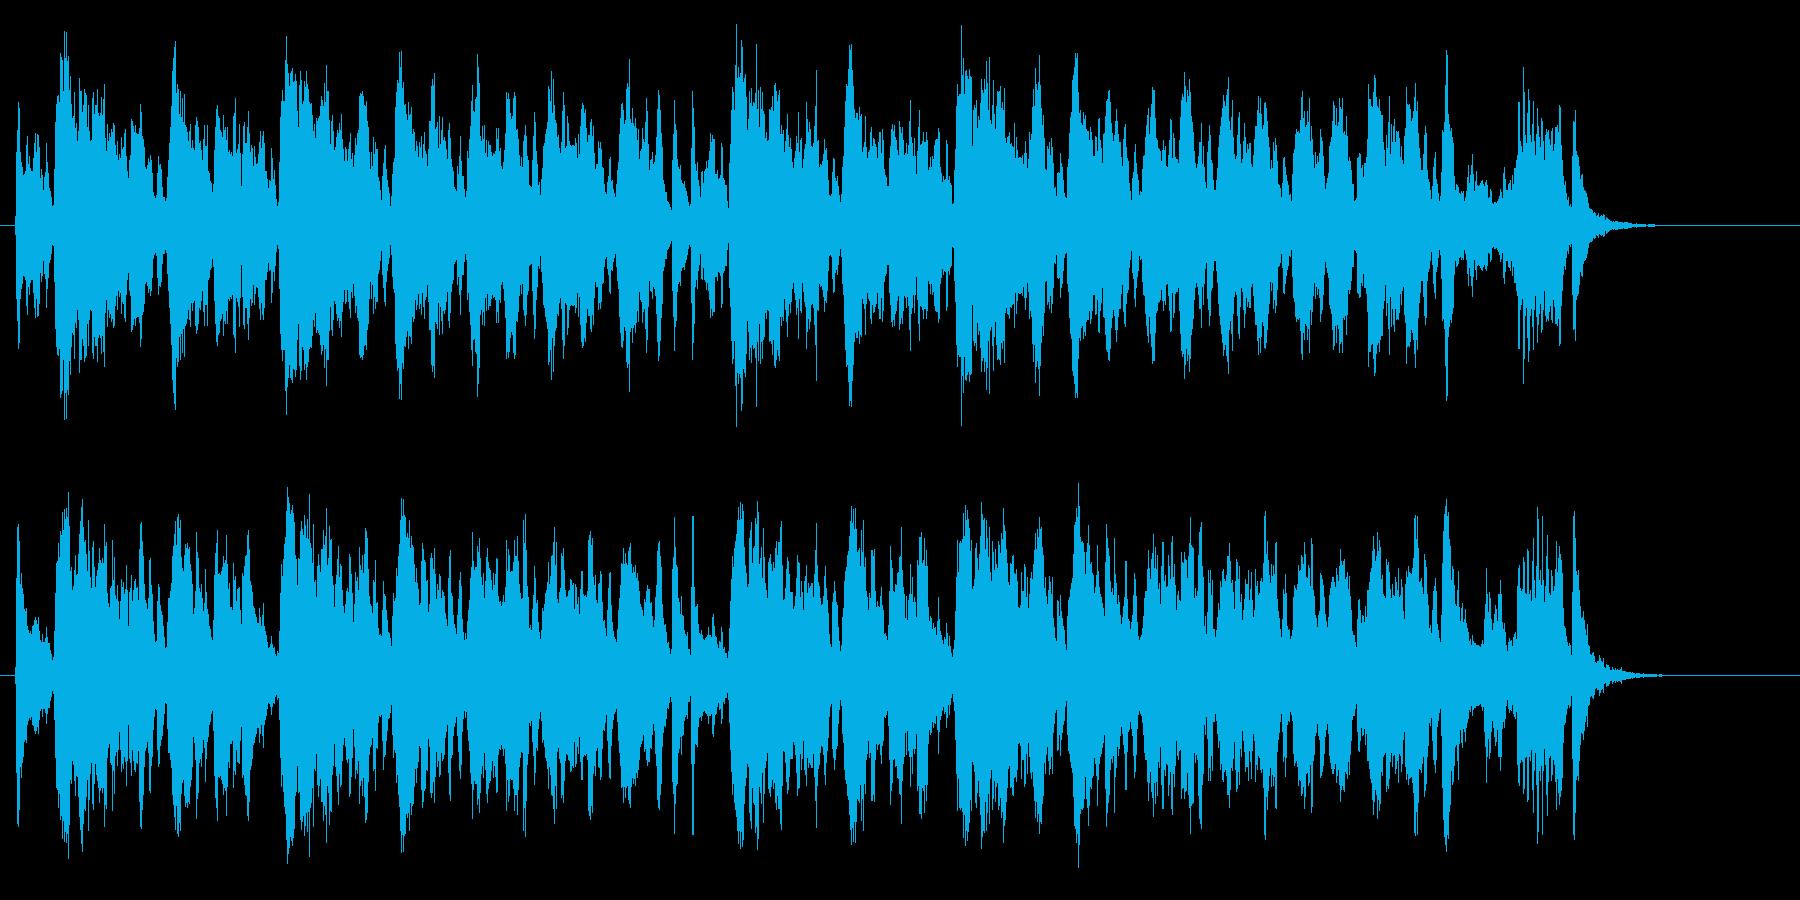 優美で格調高い室内弦楽クラシック風BGMの再生済みの波形